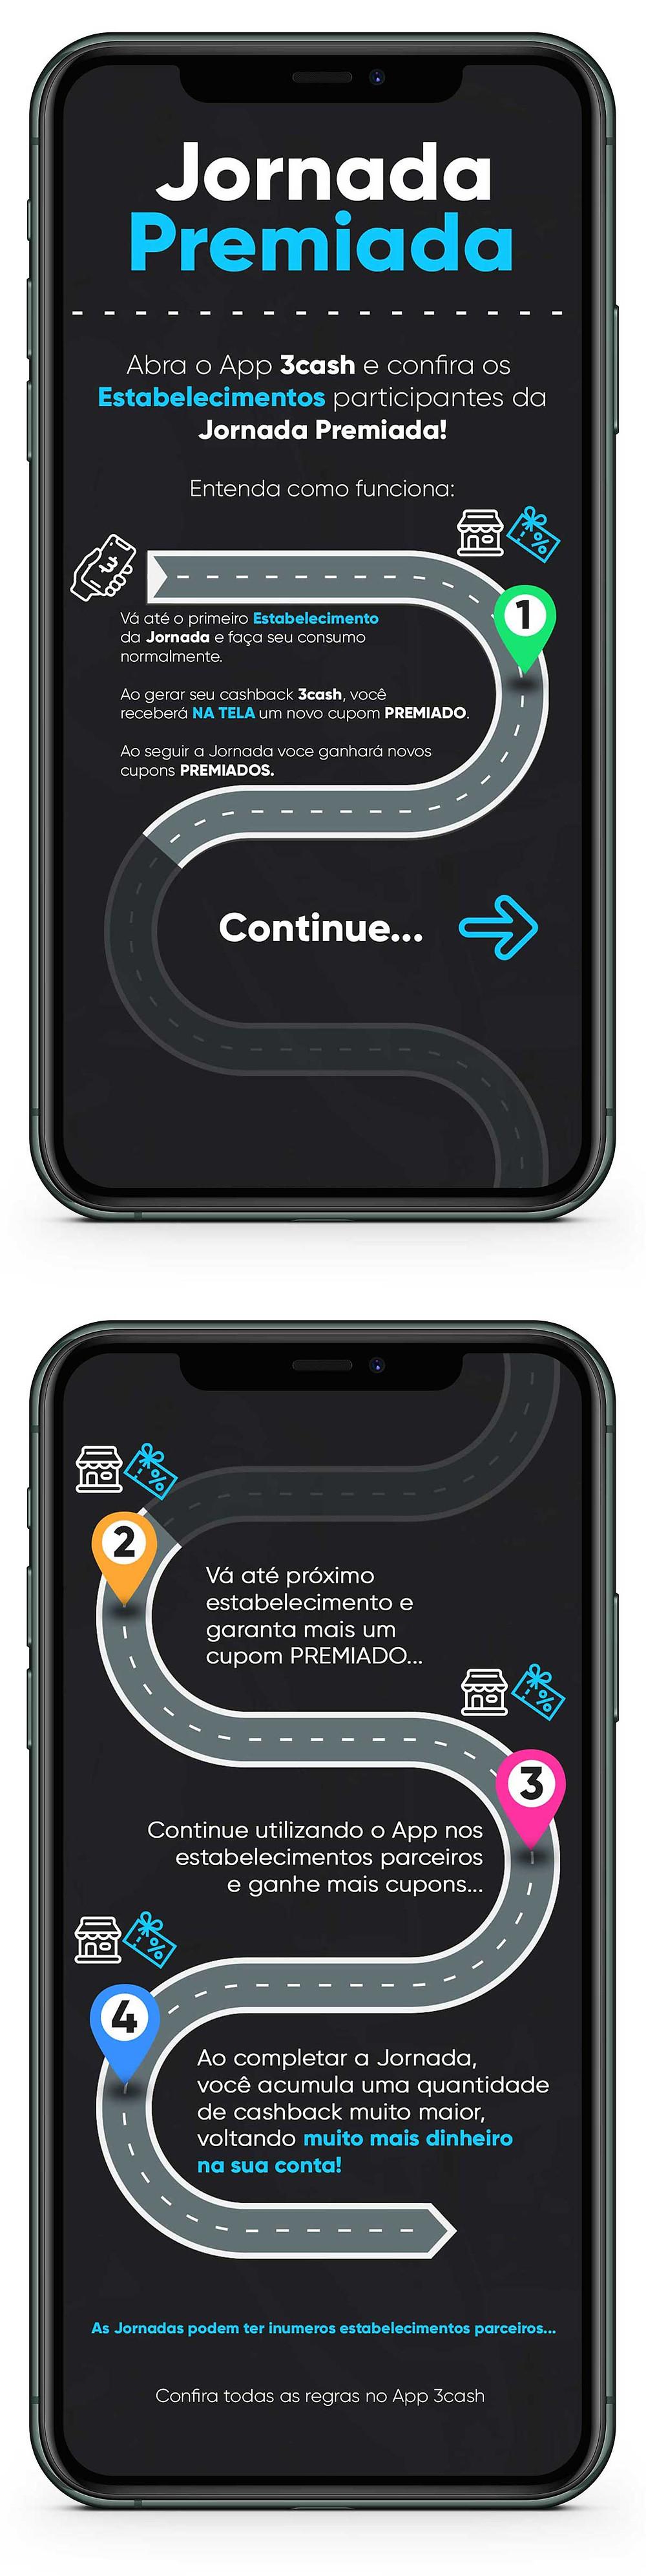 Jornada-Premiada-do-App-3cash-Voce-ganha-muito-mais